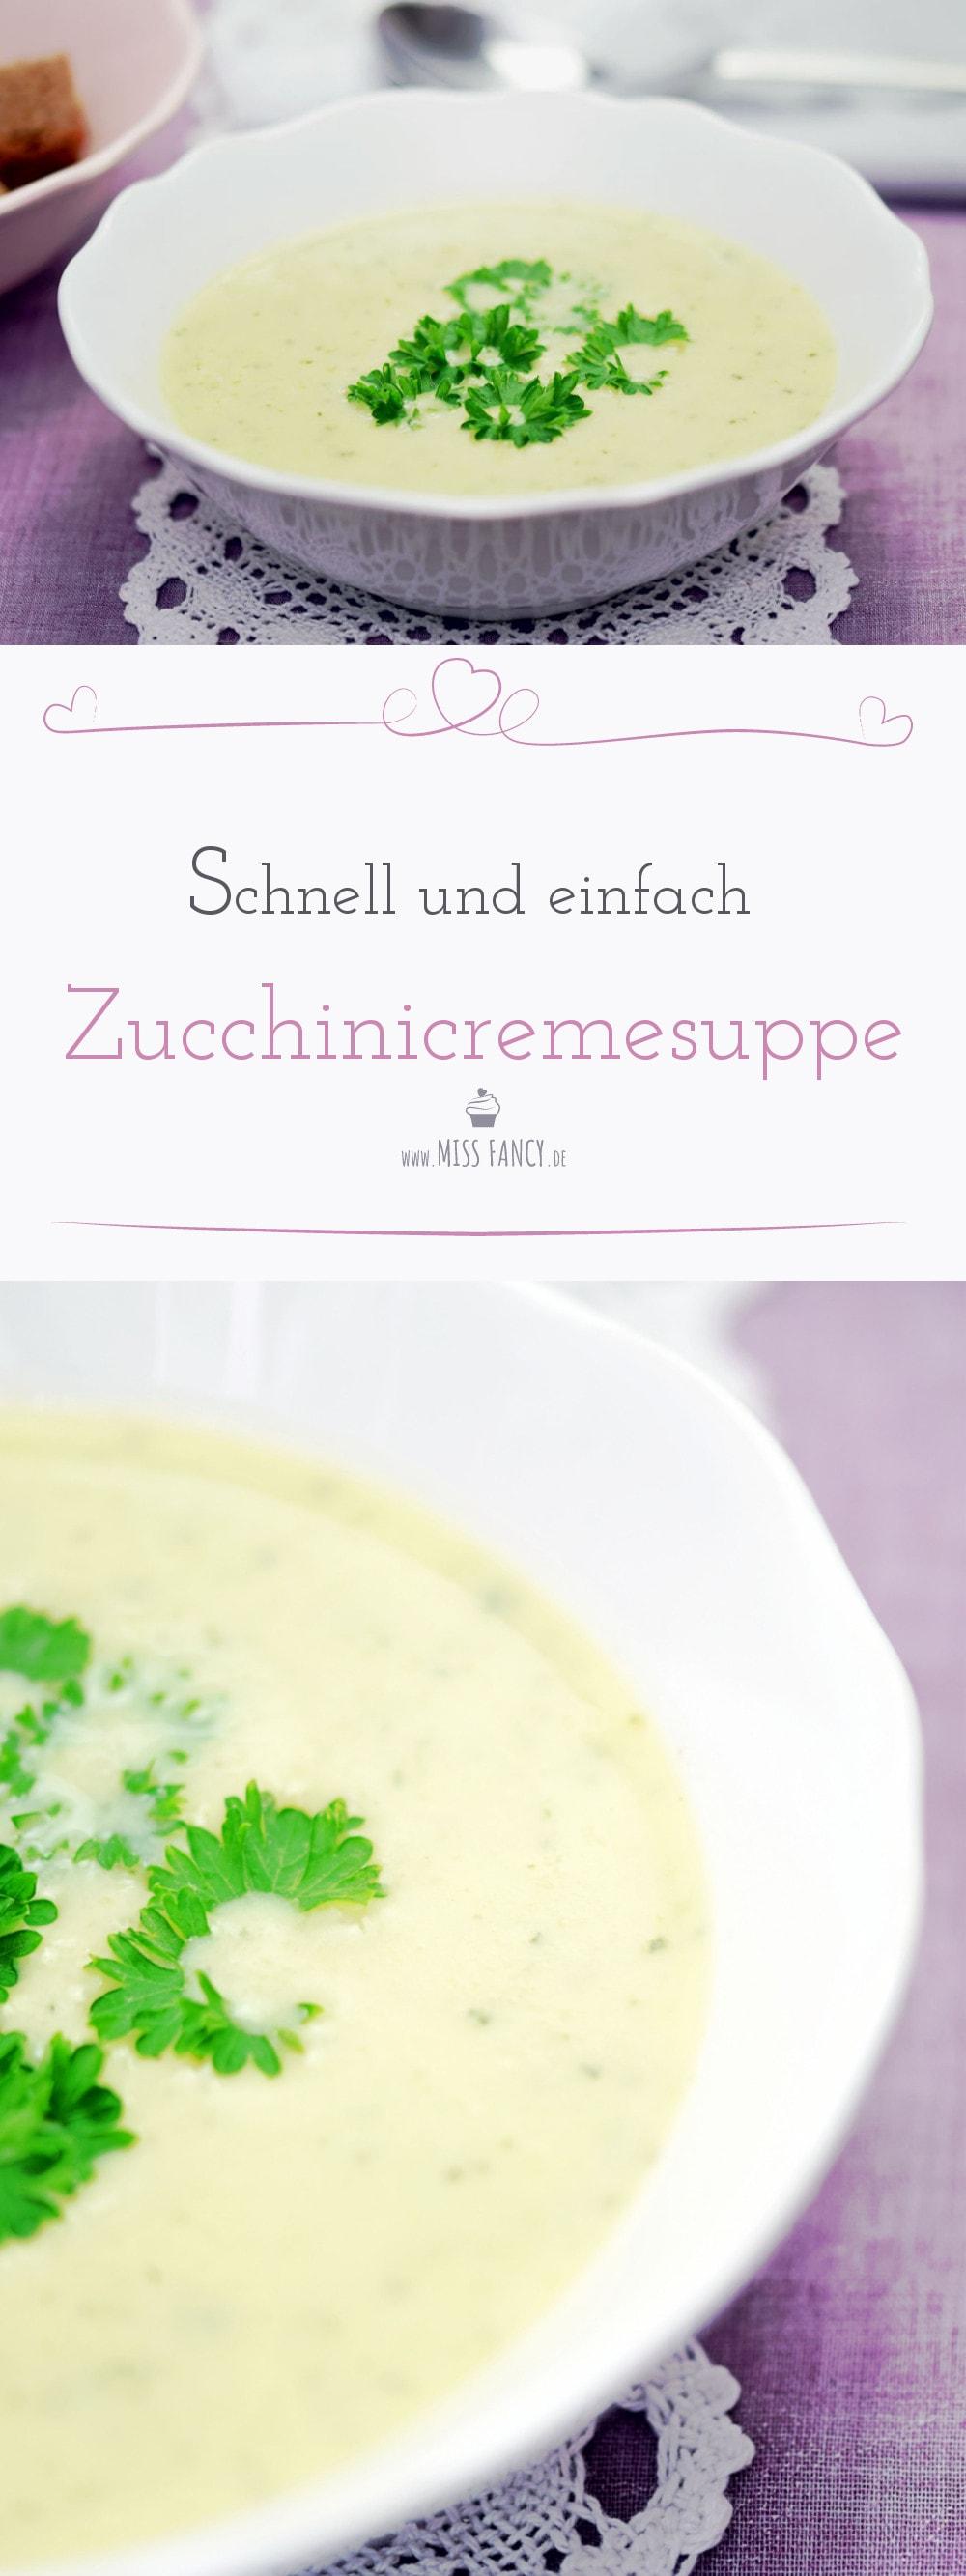 Rezept-Zucchinicremesuppe-missfancy